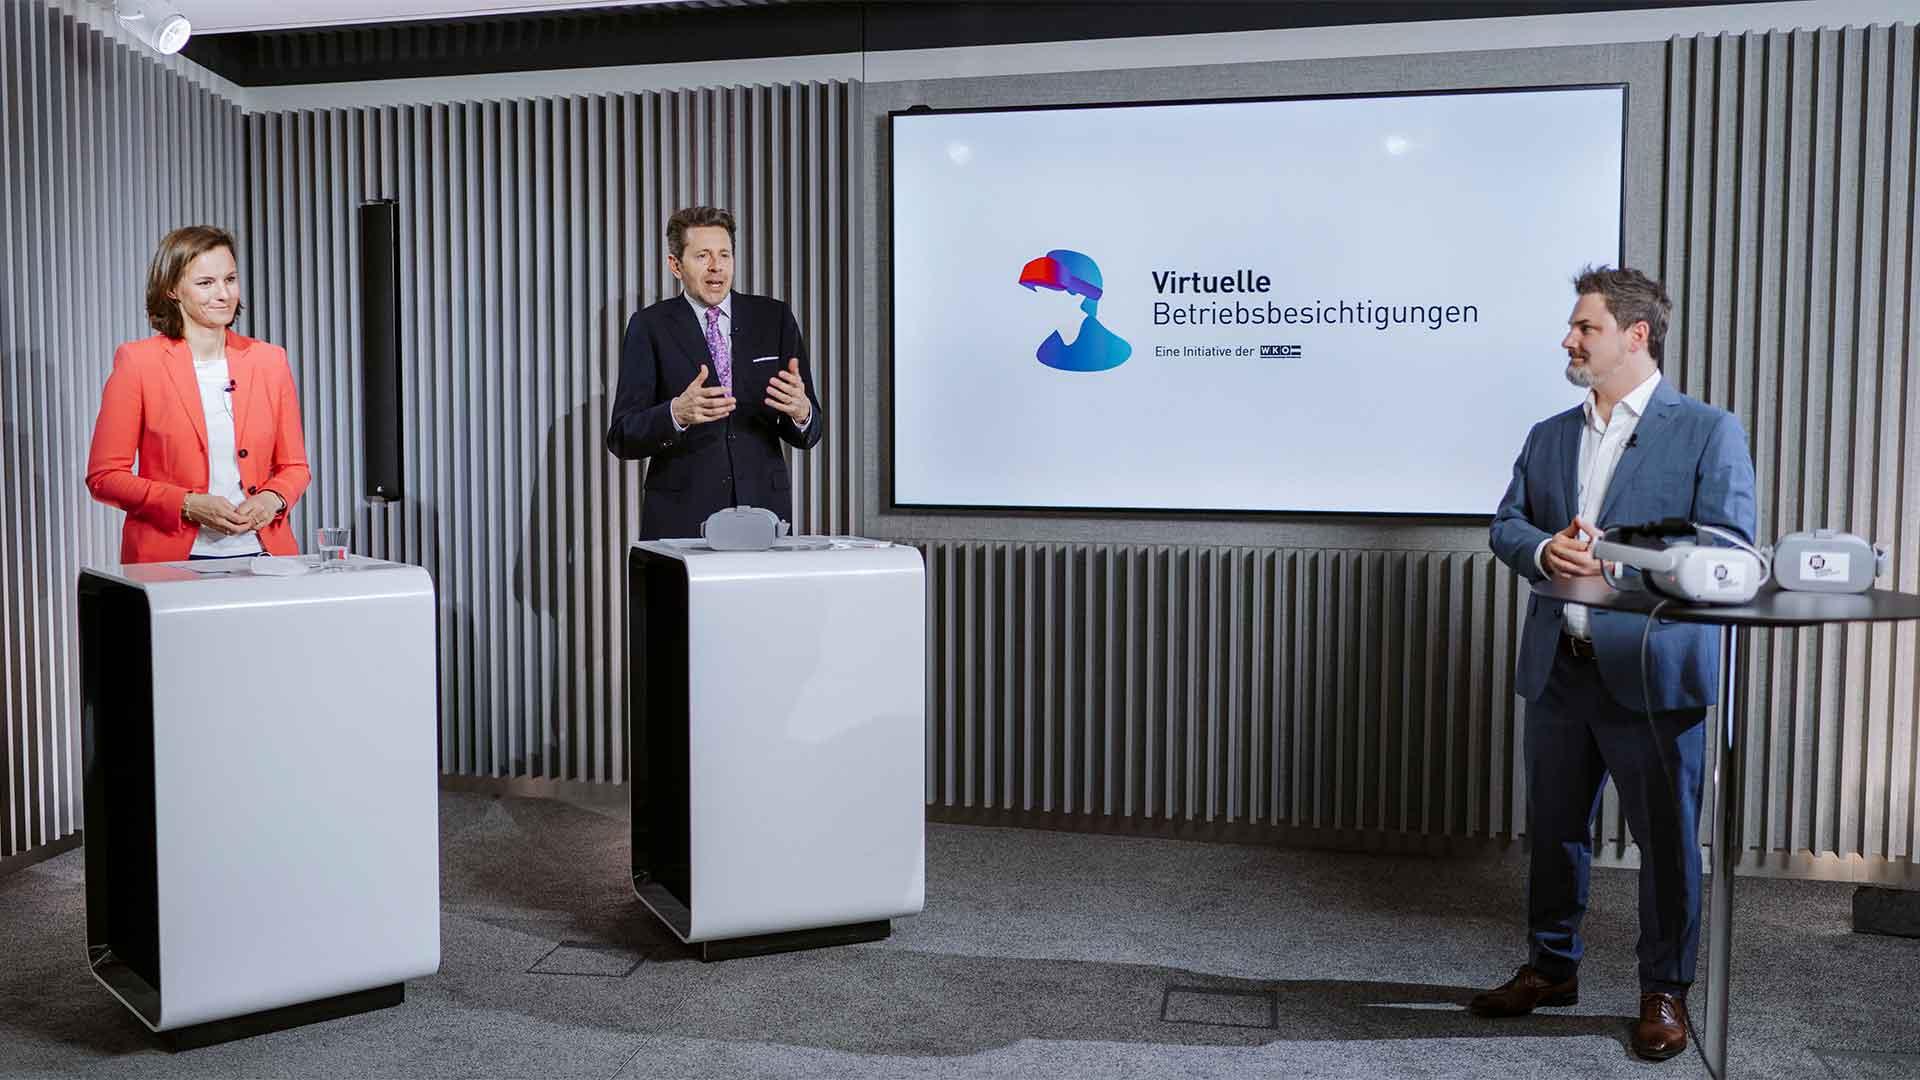 Mit der virtuellen Betriebsbesichtigung der Wirtschaftskammer Österreich können Jugendliche hautnah verschiedene Berufe entdecken.